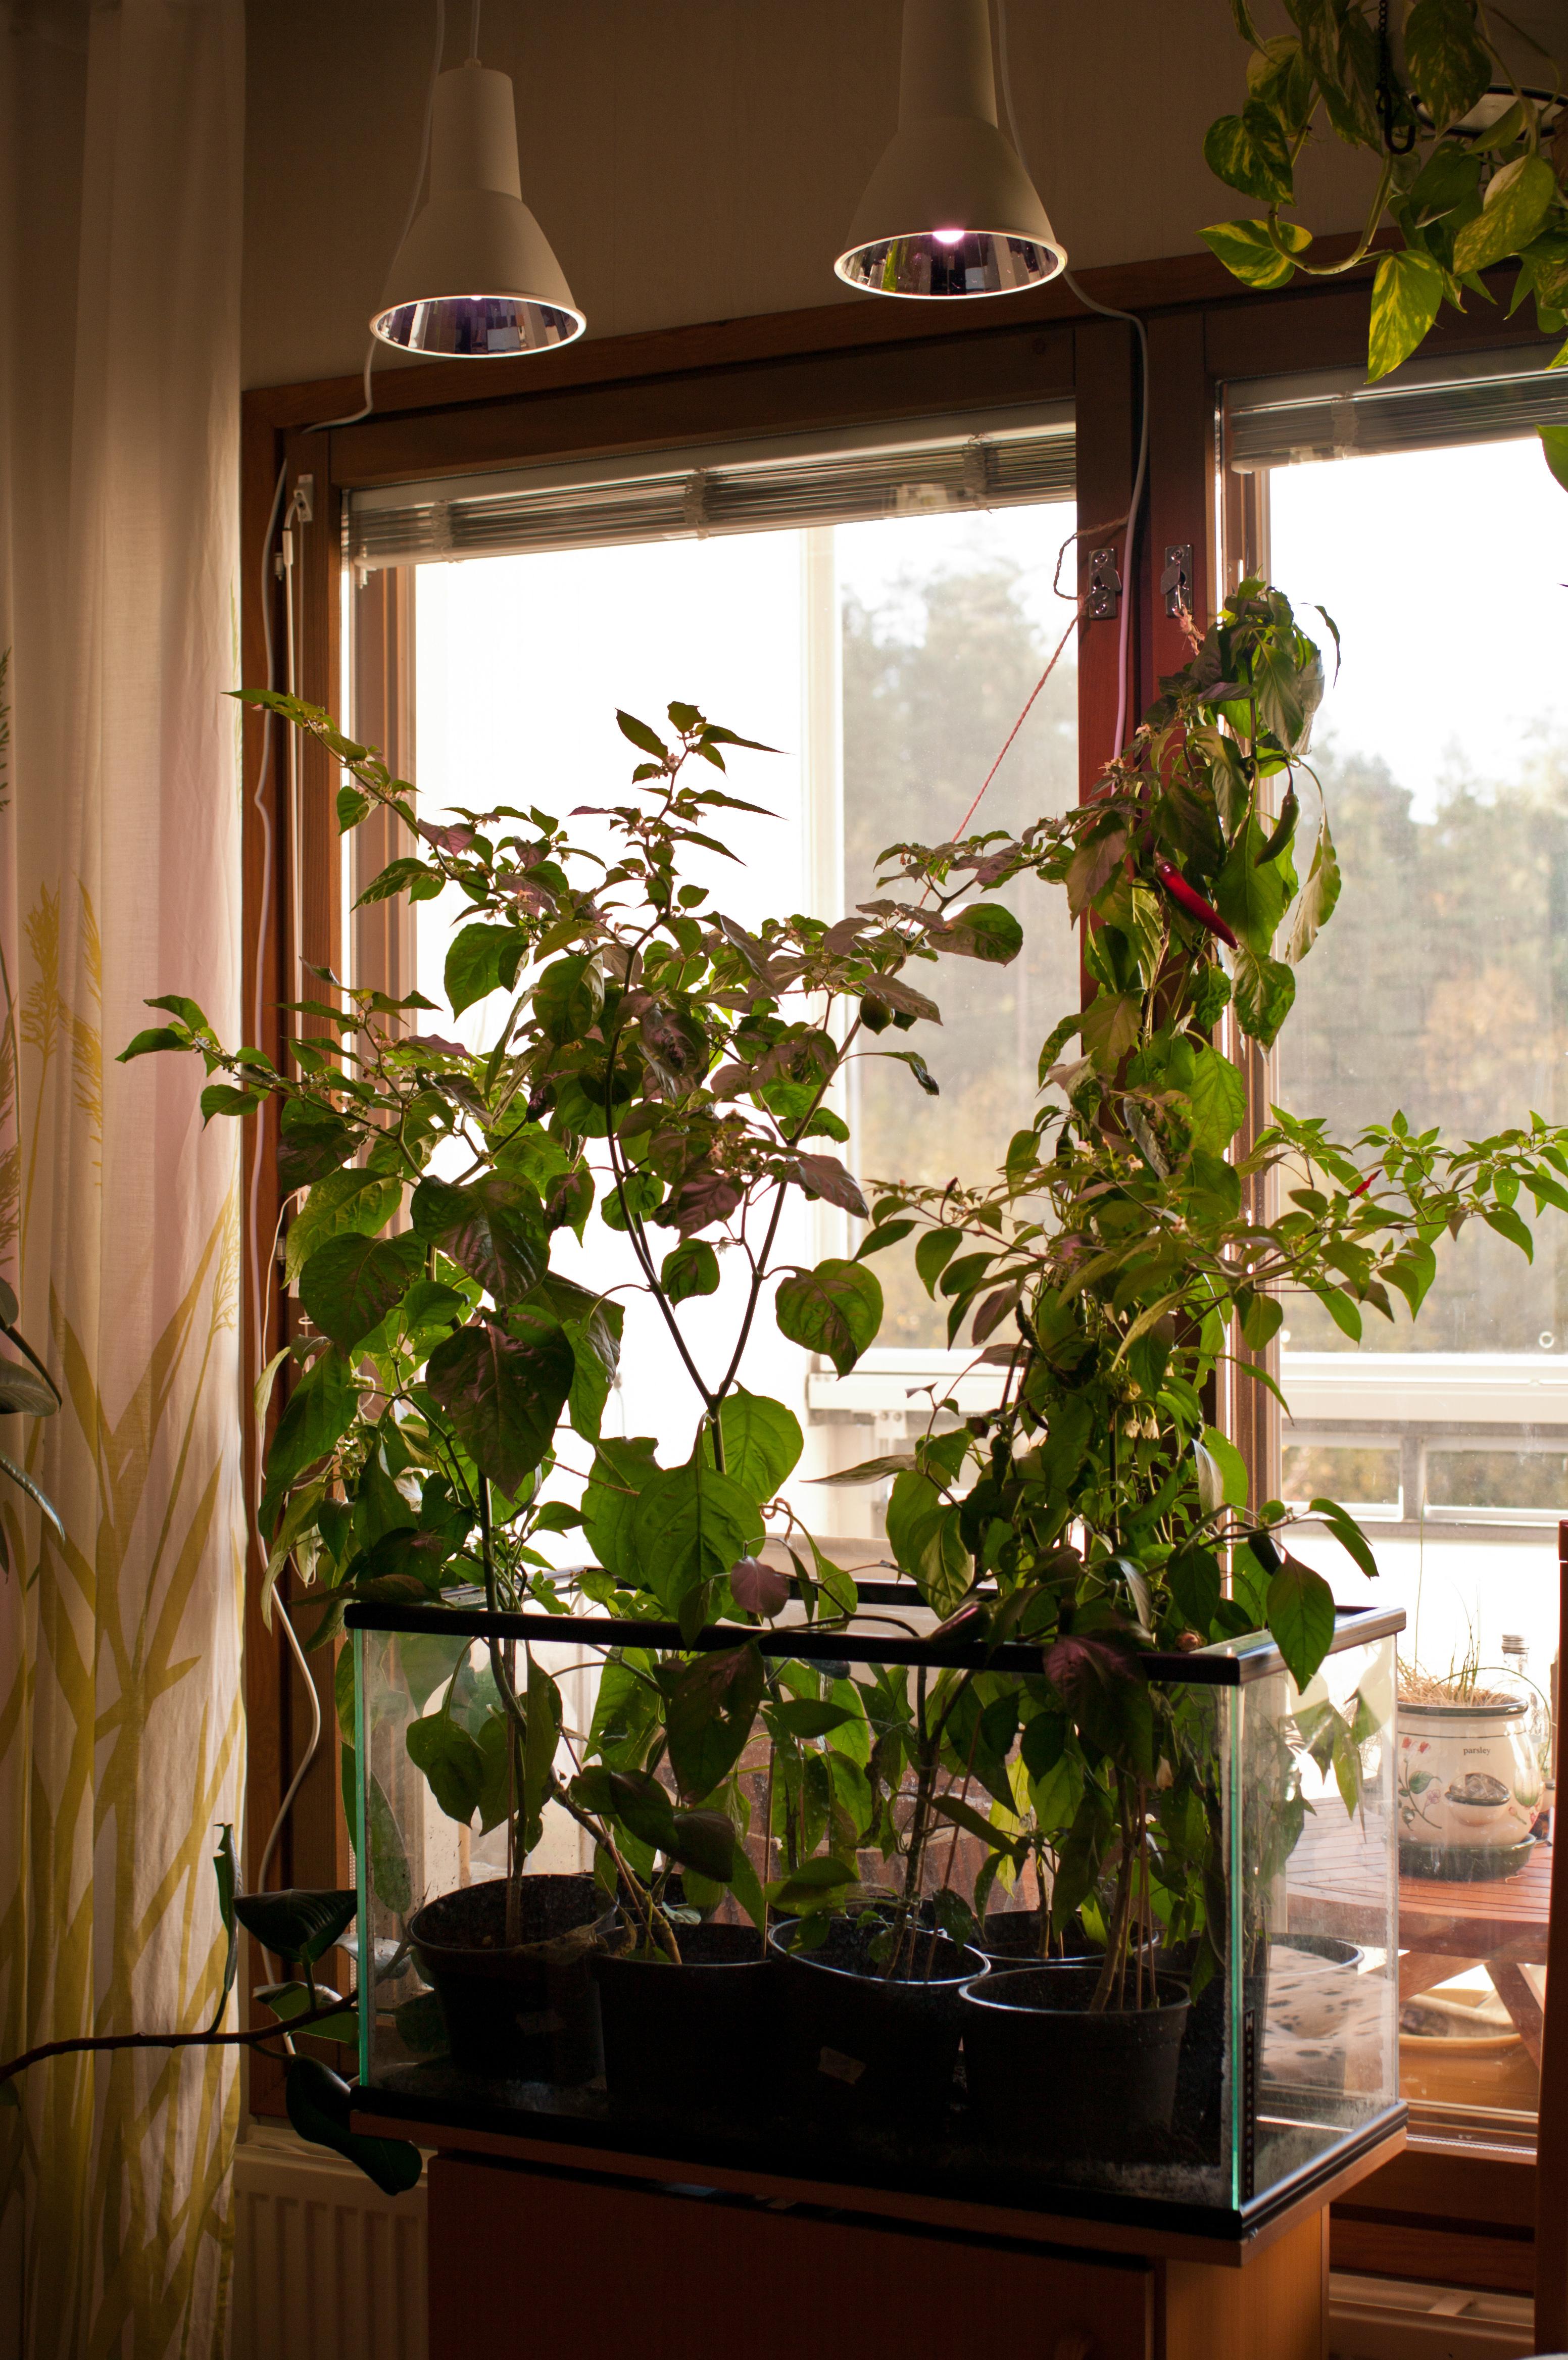 Images Gratuites : fleur, fenêtre, maison, vert, le Chili ...